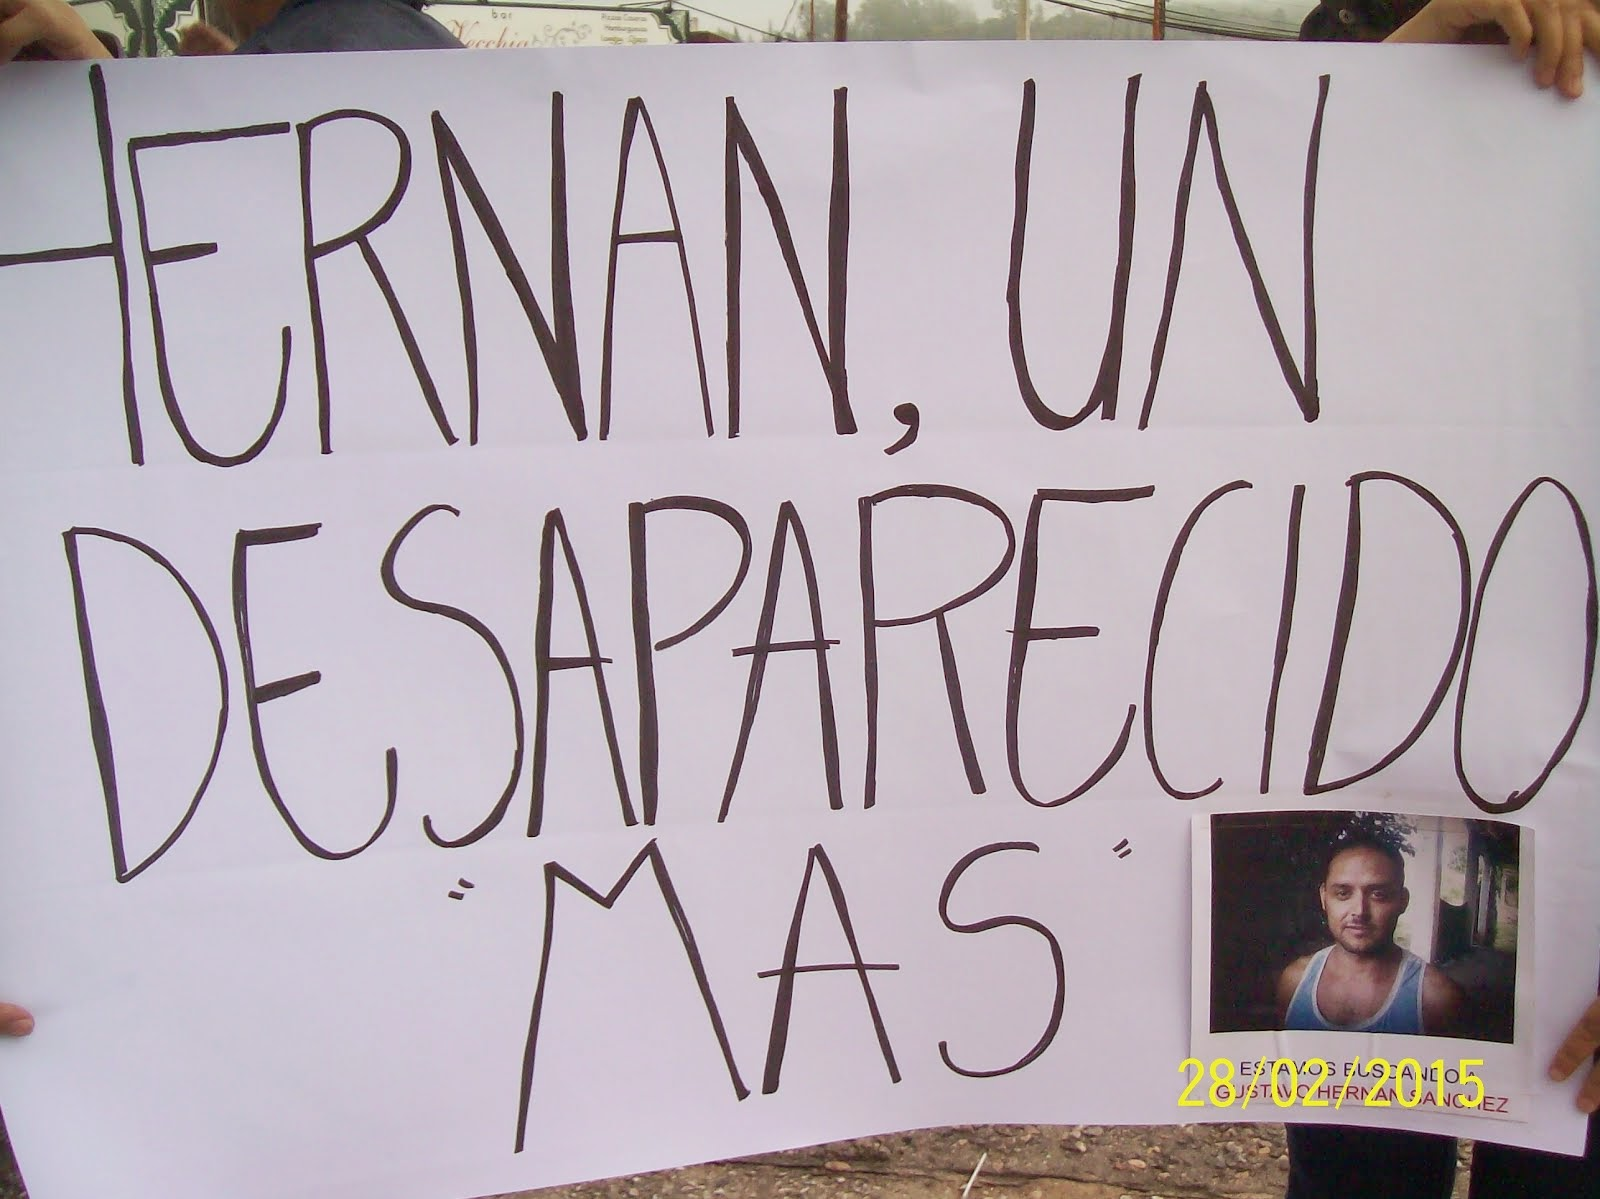 Apareció el cuerpo sin vida de Hernán Sánchez